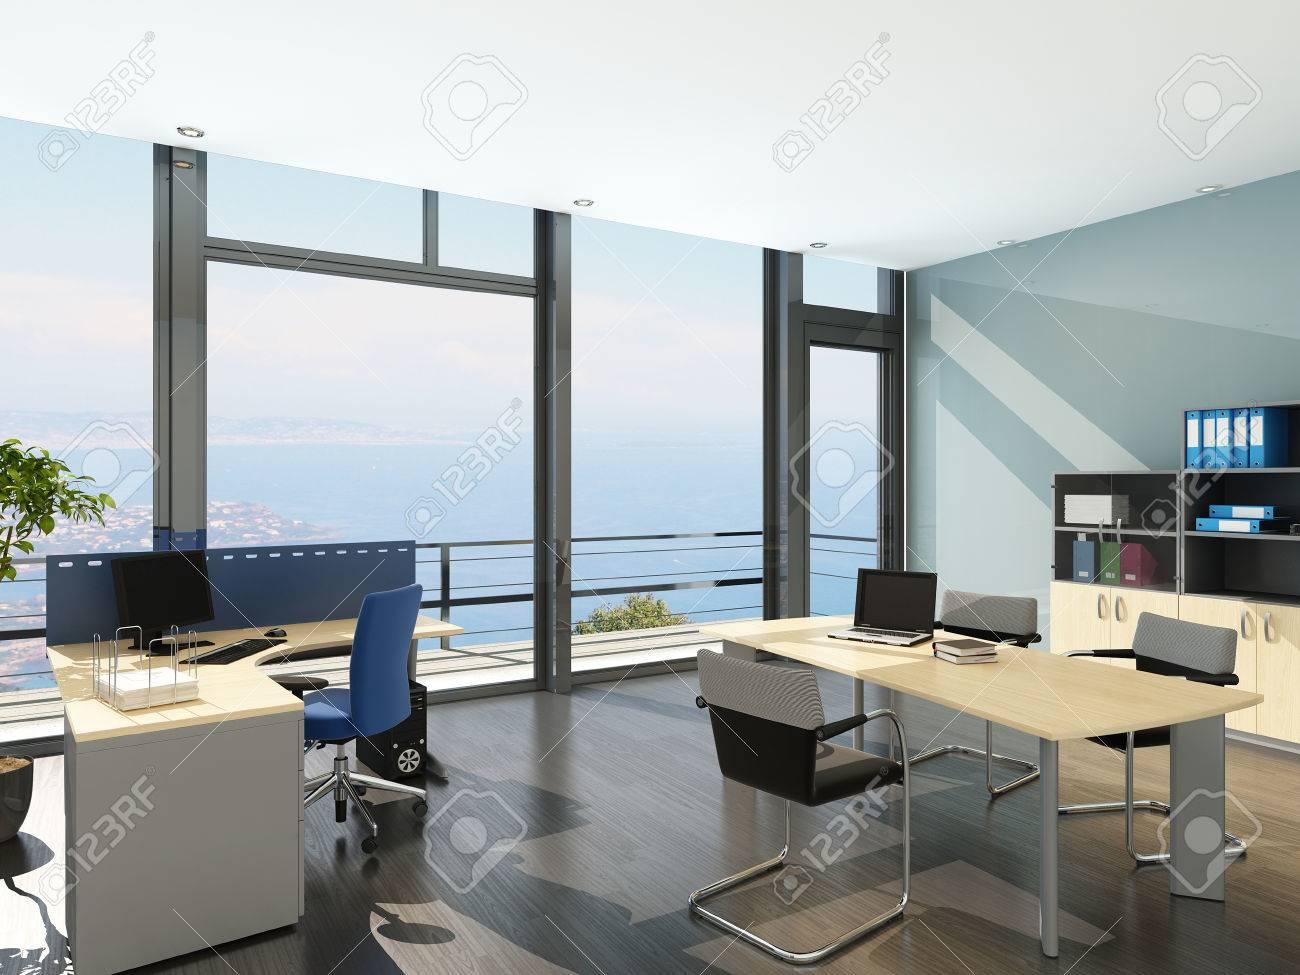 Rendu 3d De L Interieur De Bureaux Moderne Avec Vue Panoramique